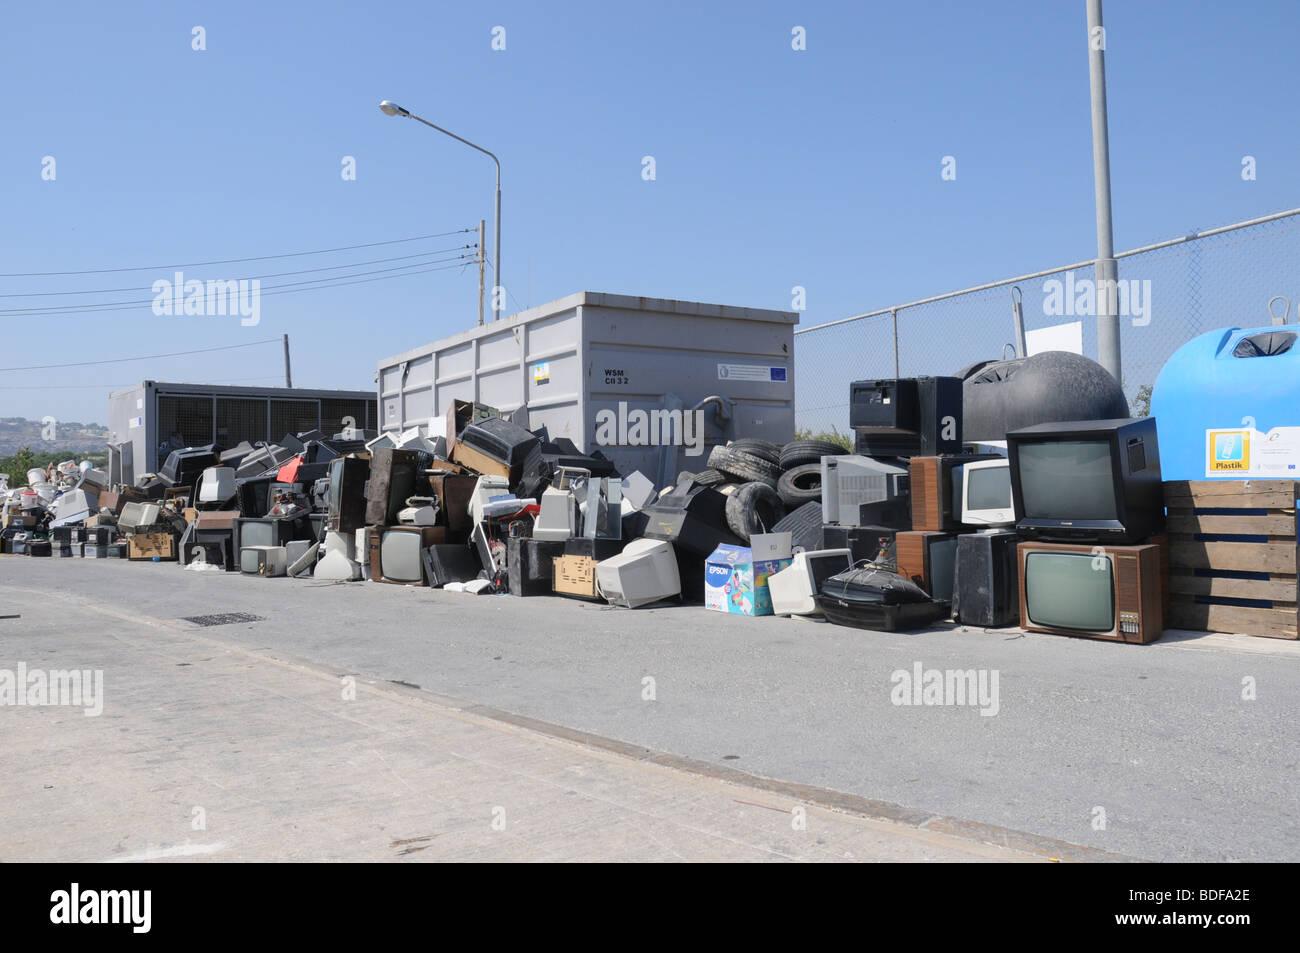 Une section d'un site d'agrément civique où les pneus usés et les appareils électriques Photo Stock